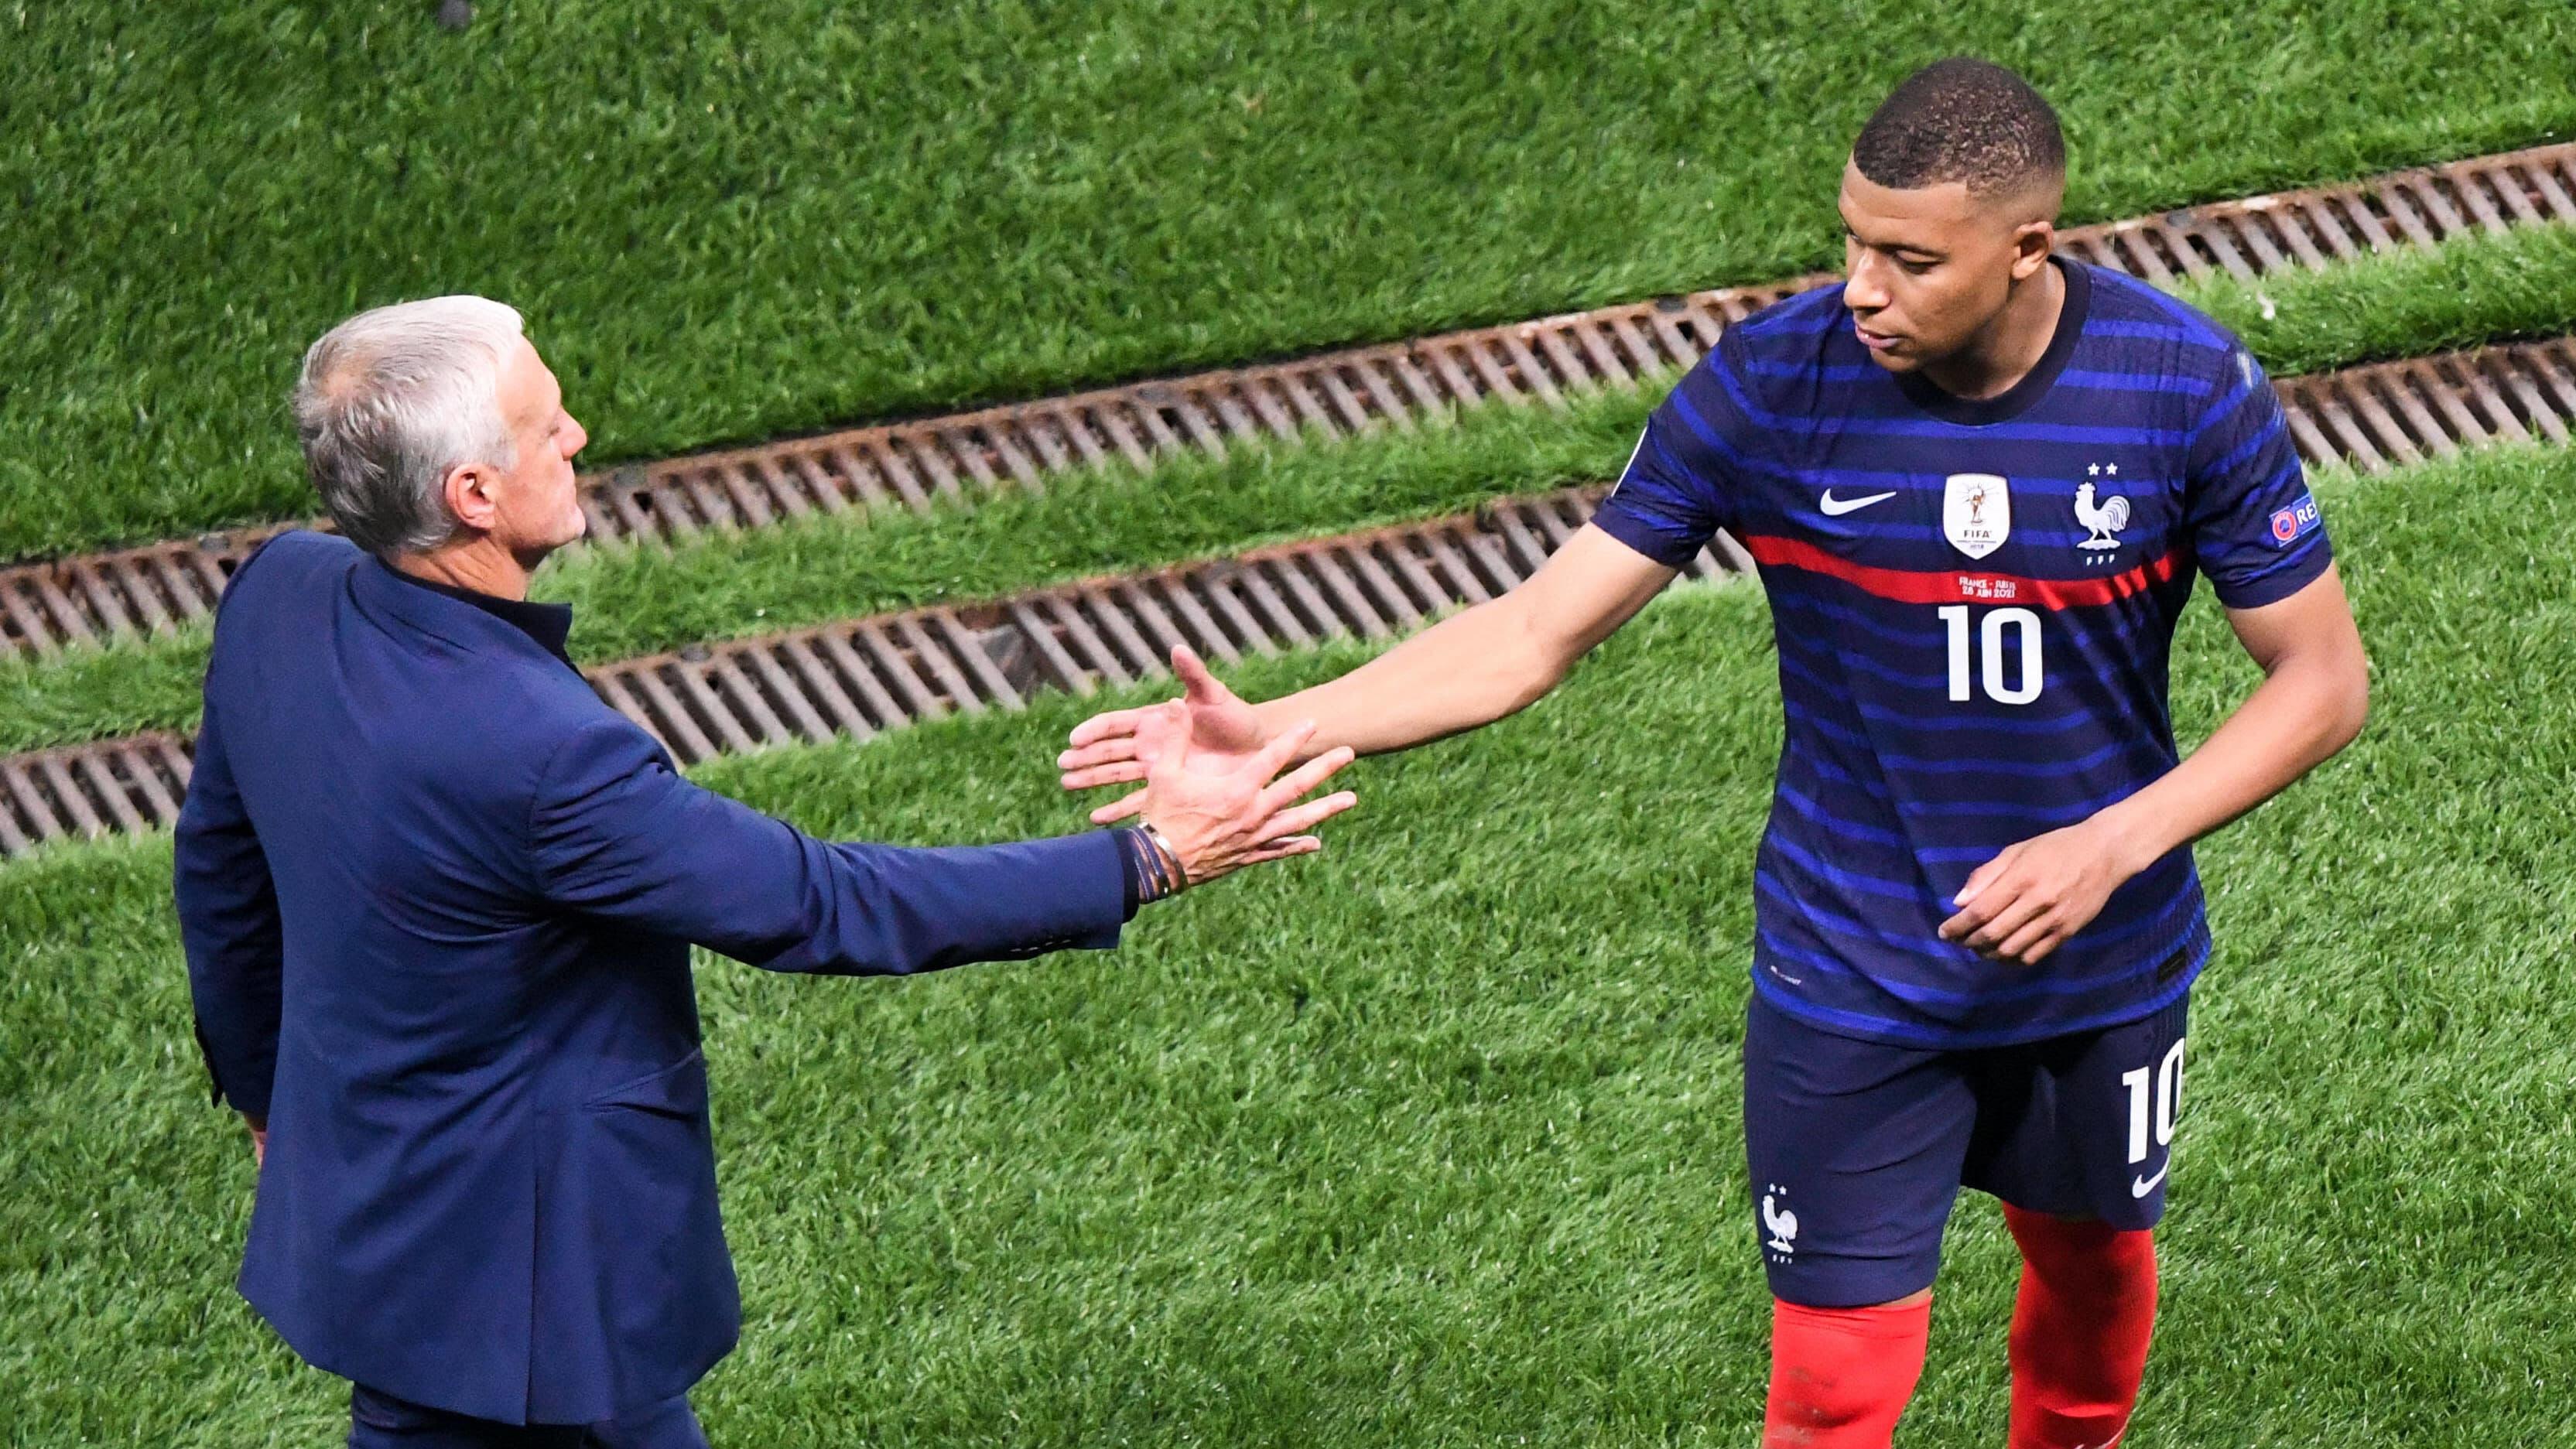 Didier Deschamps lohduttaa Kylian Mbappea EM-kisojen neljännesvälierän jälkeen Bukarestissa 28. kesäkuuta 2021.